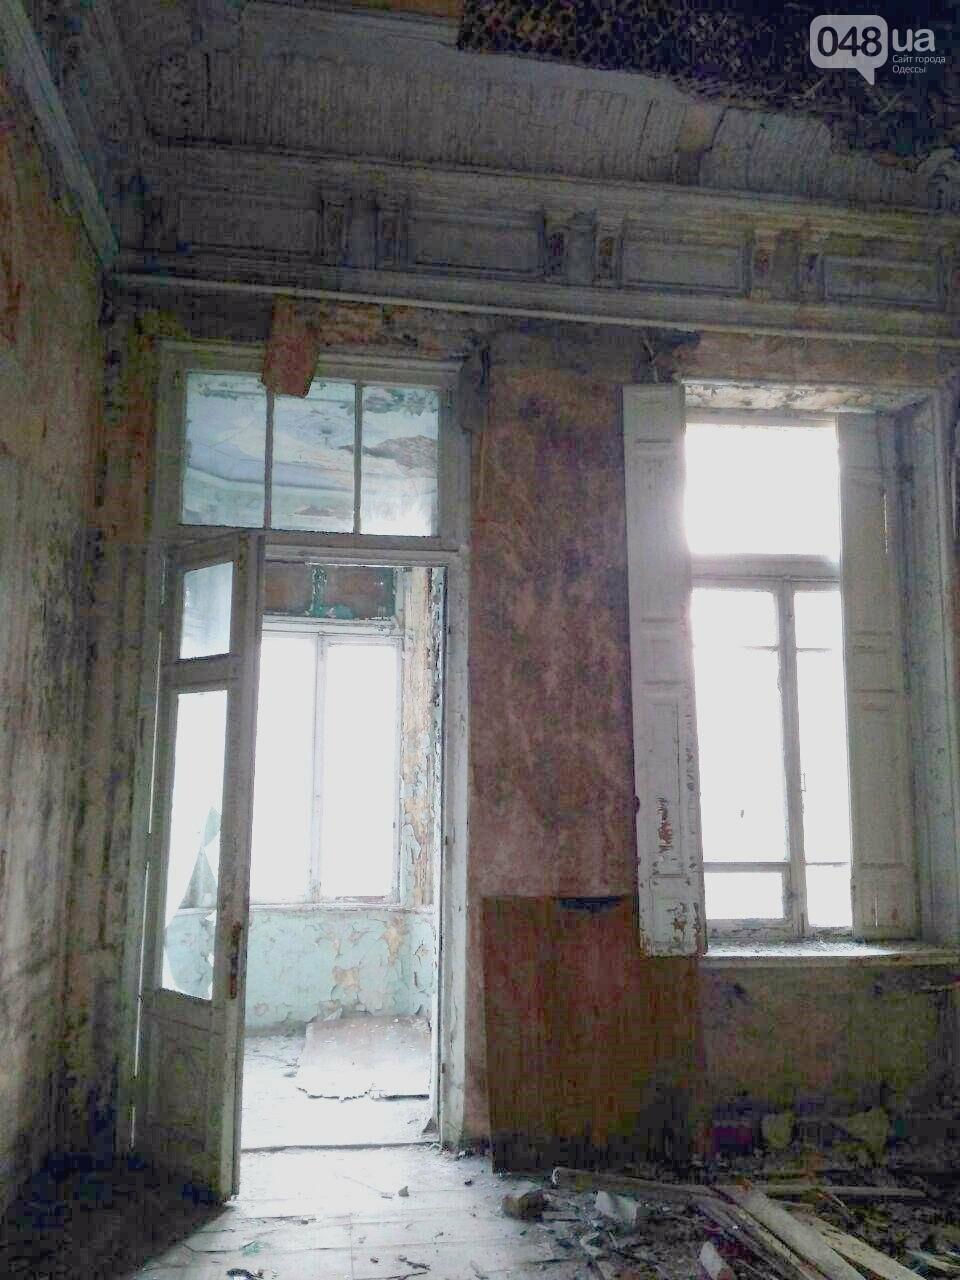 Поймать привидение или провалиться в подземелье: Одесский Дом Гоголя изнутри (ФОТО), фото-27